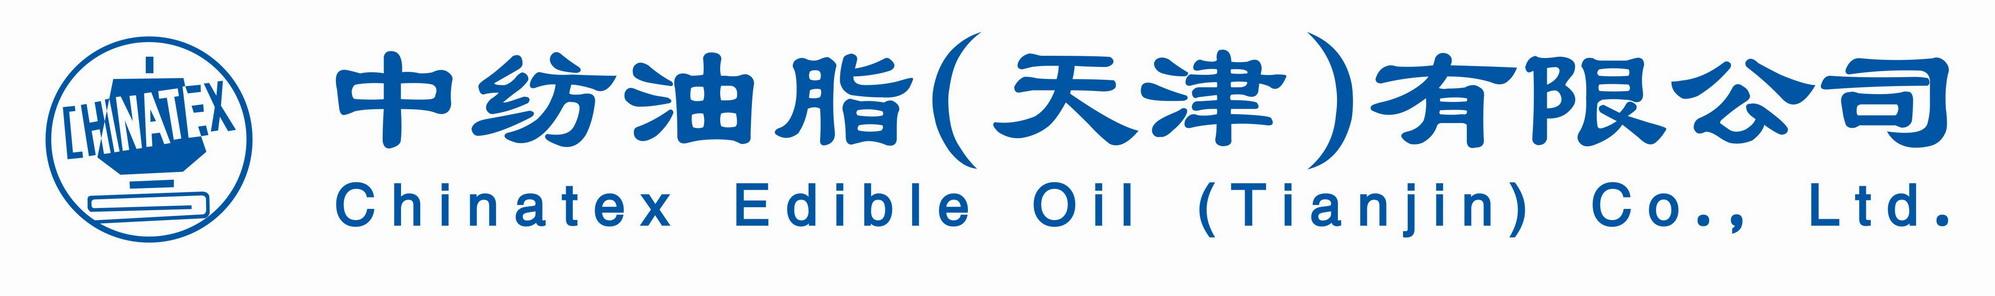 中纺油脂(天津)有限公司